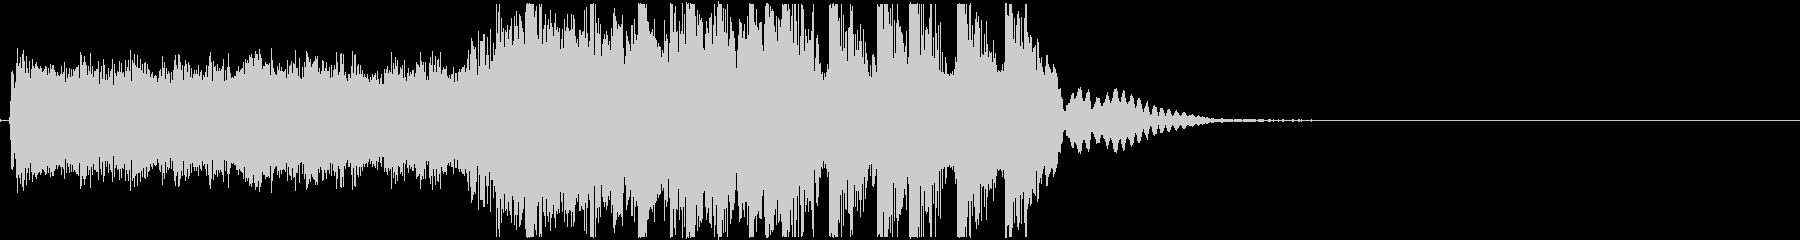 生演奏メタルなアイキャッチ2の未再生の波形